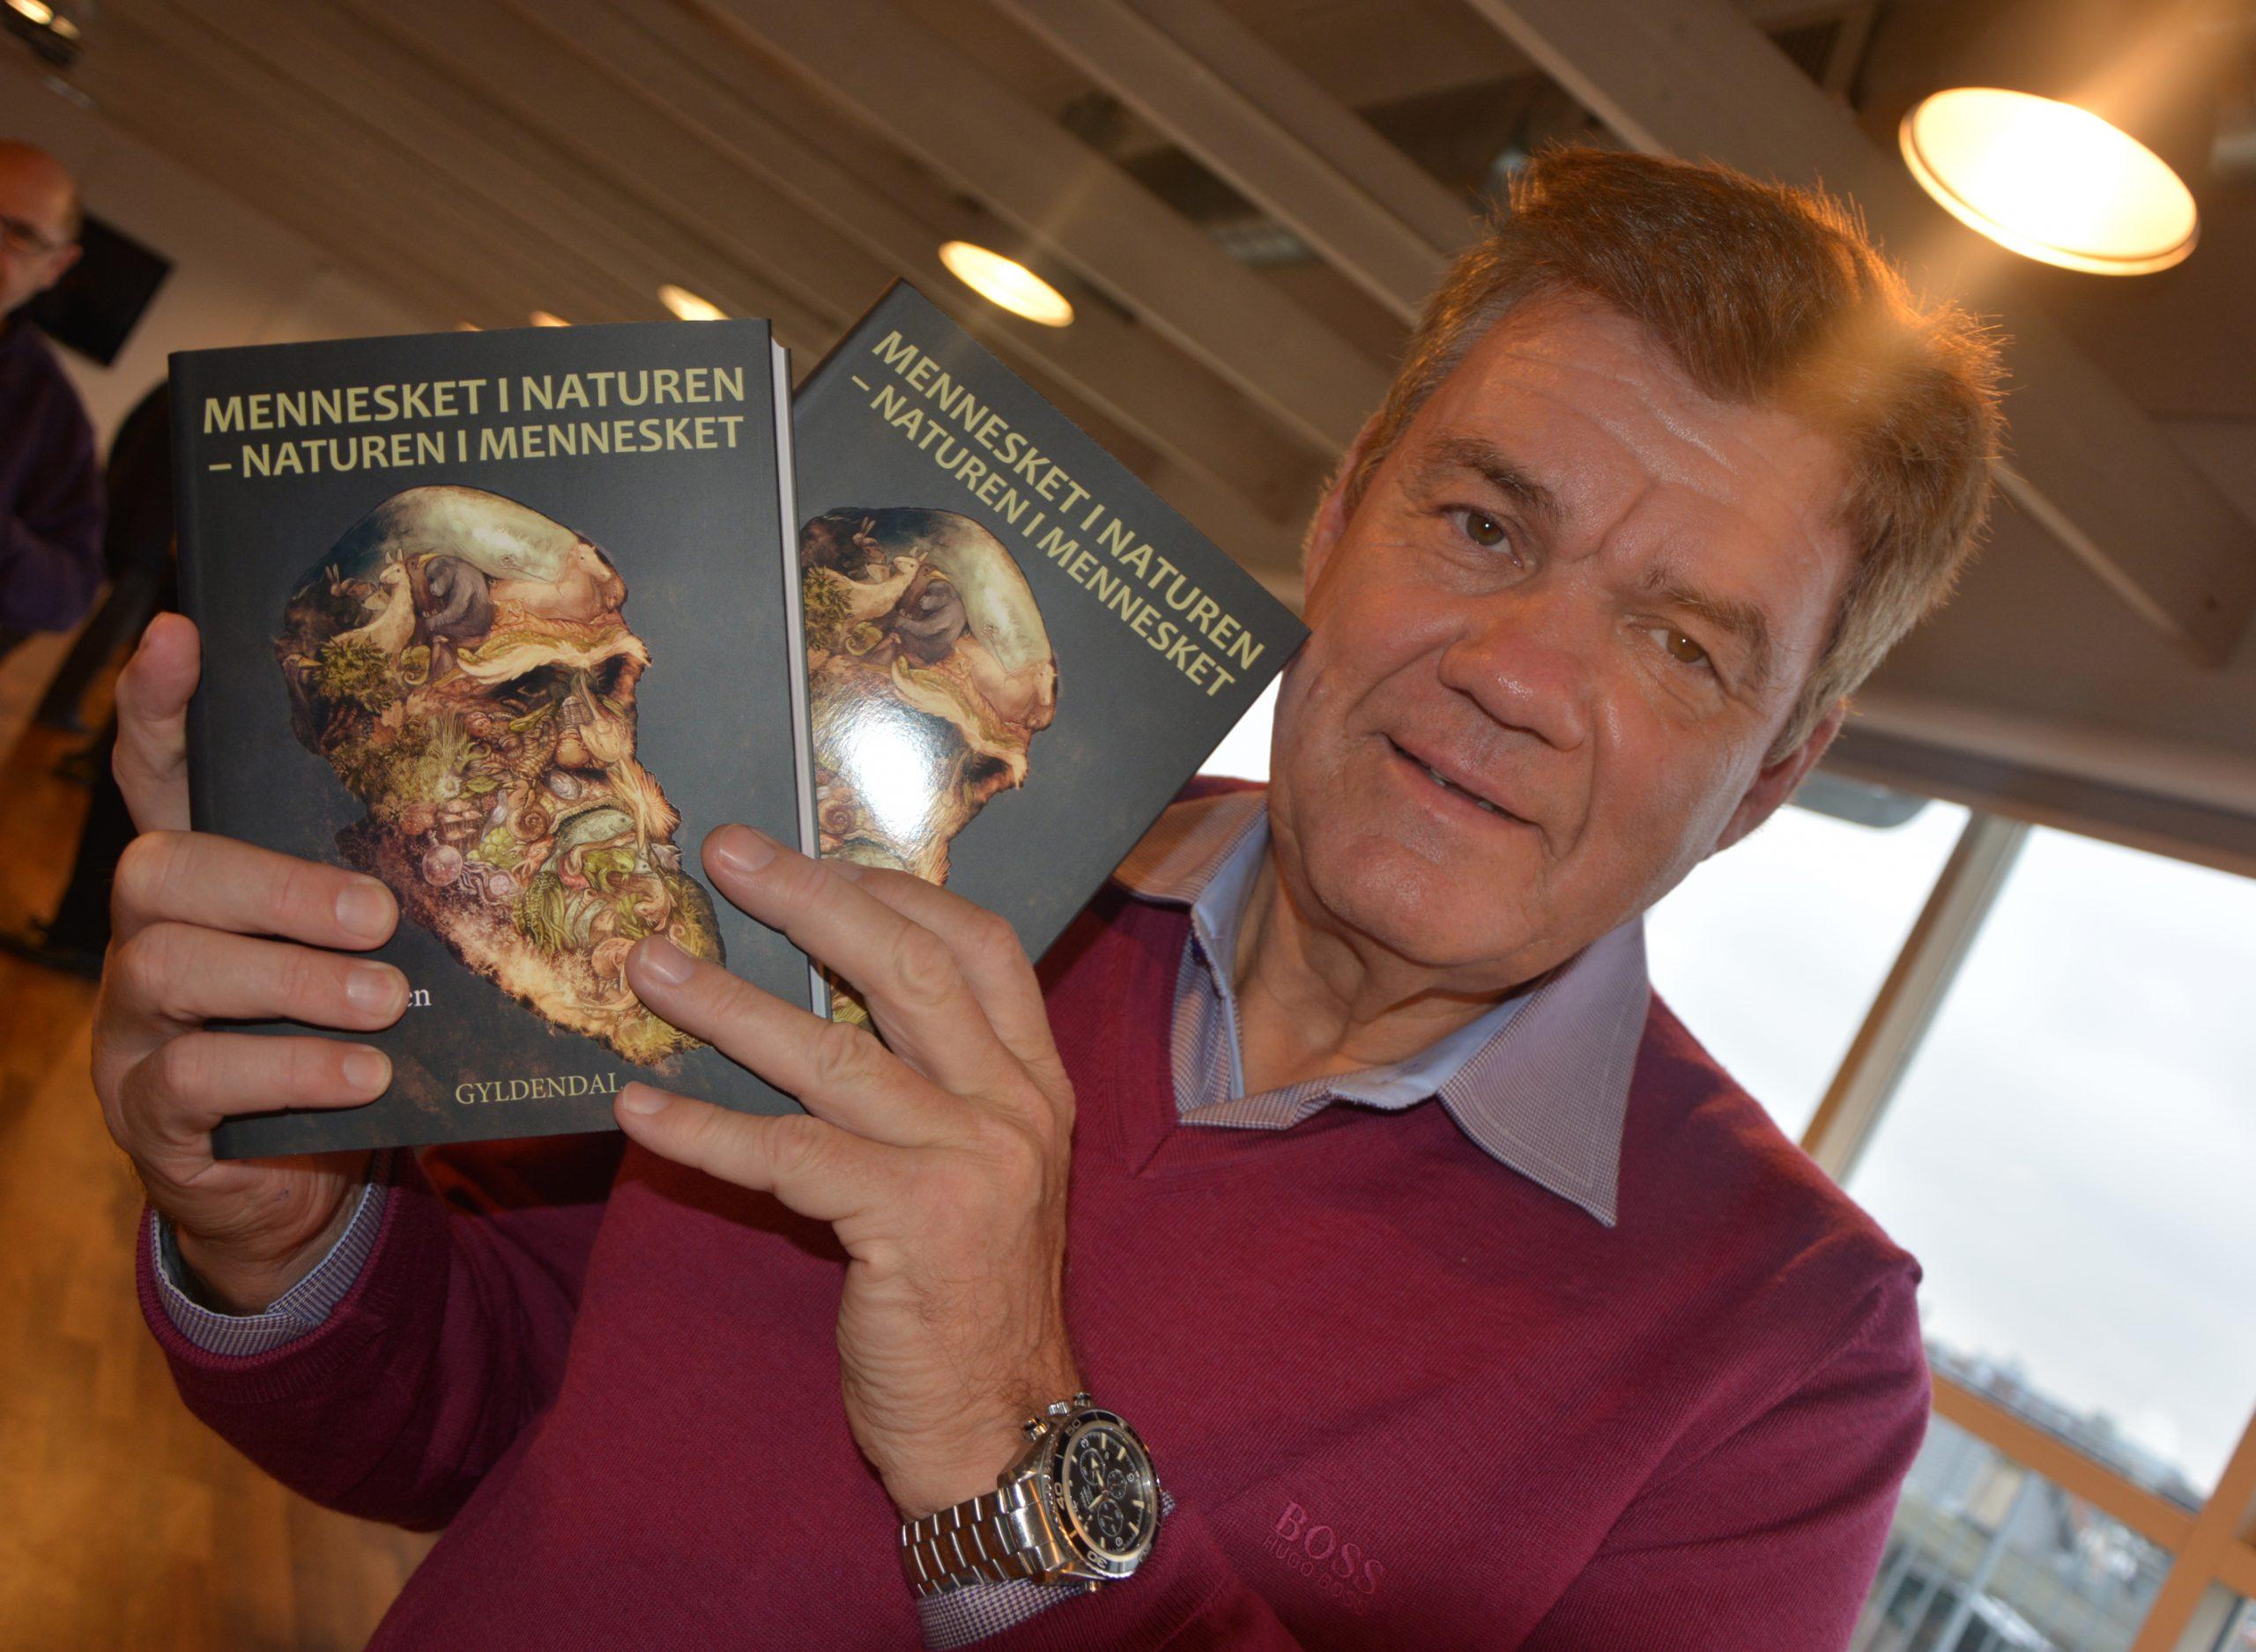 Søren Rasmussen er uddannet biolog fra Københavns Universitet, i 2016 udgav han endnu en bog, hvis titel synes ganske aktuel i forhold til coronakrisen. Arkivfoto: Preben Pathuel.